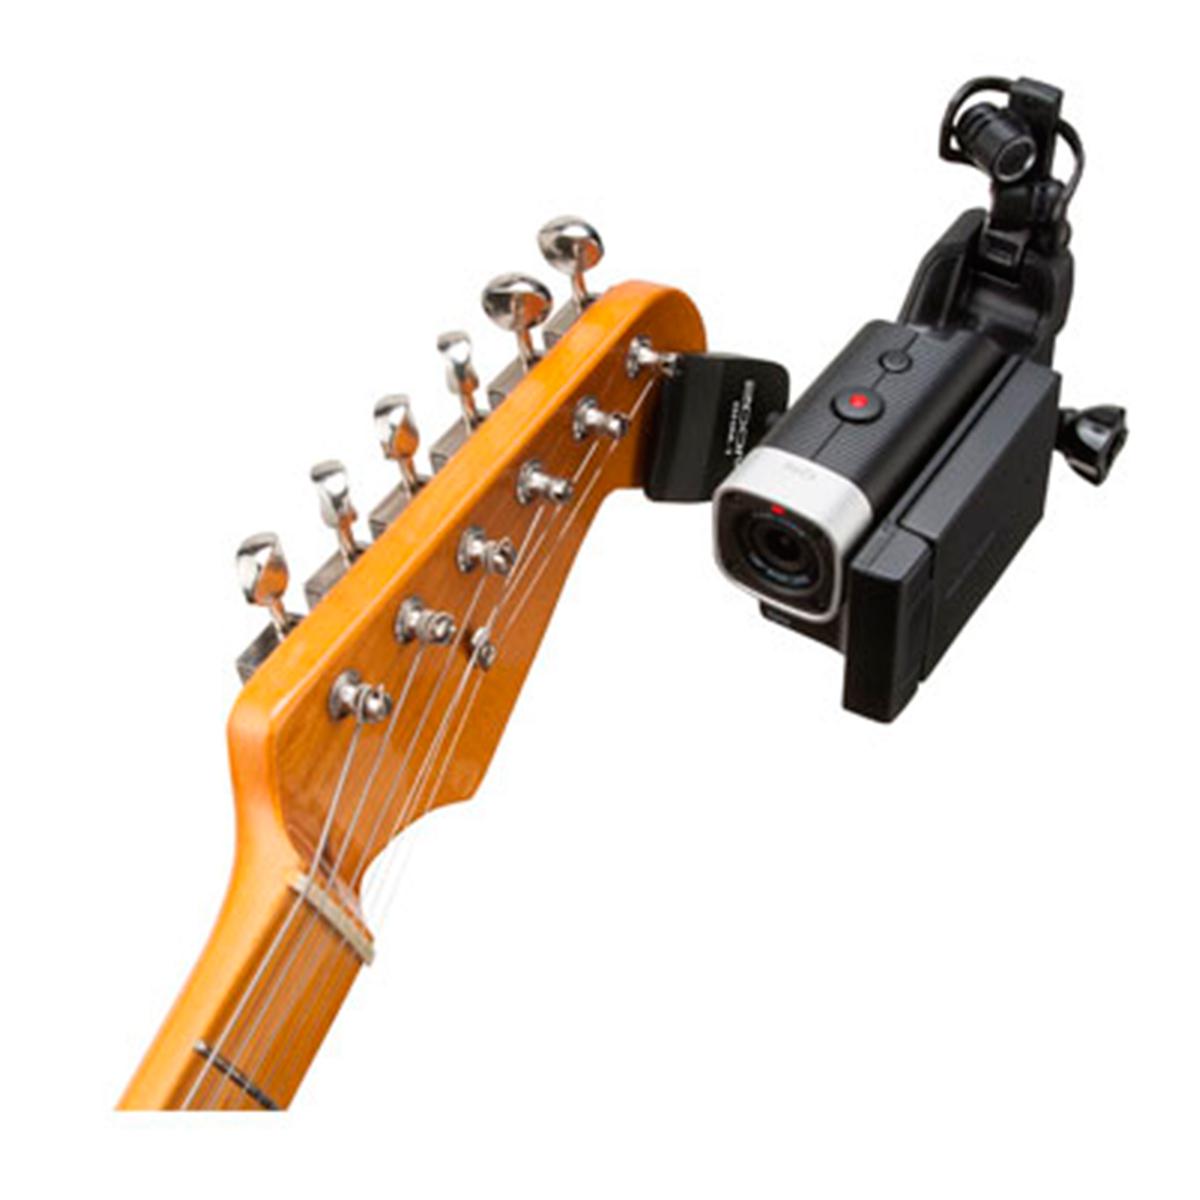 Suporte de Guitarra / Baixo / Violão p/ Câmera Q 4 - GHM 1 Zoom